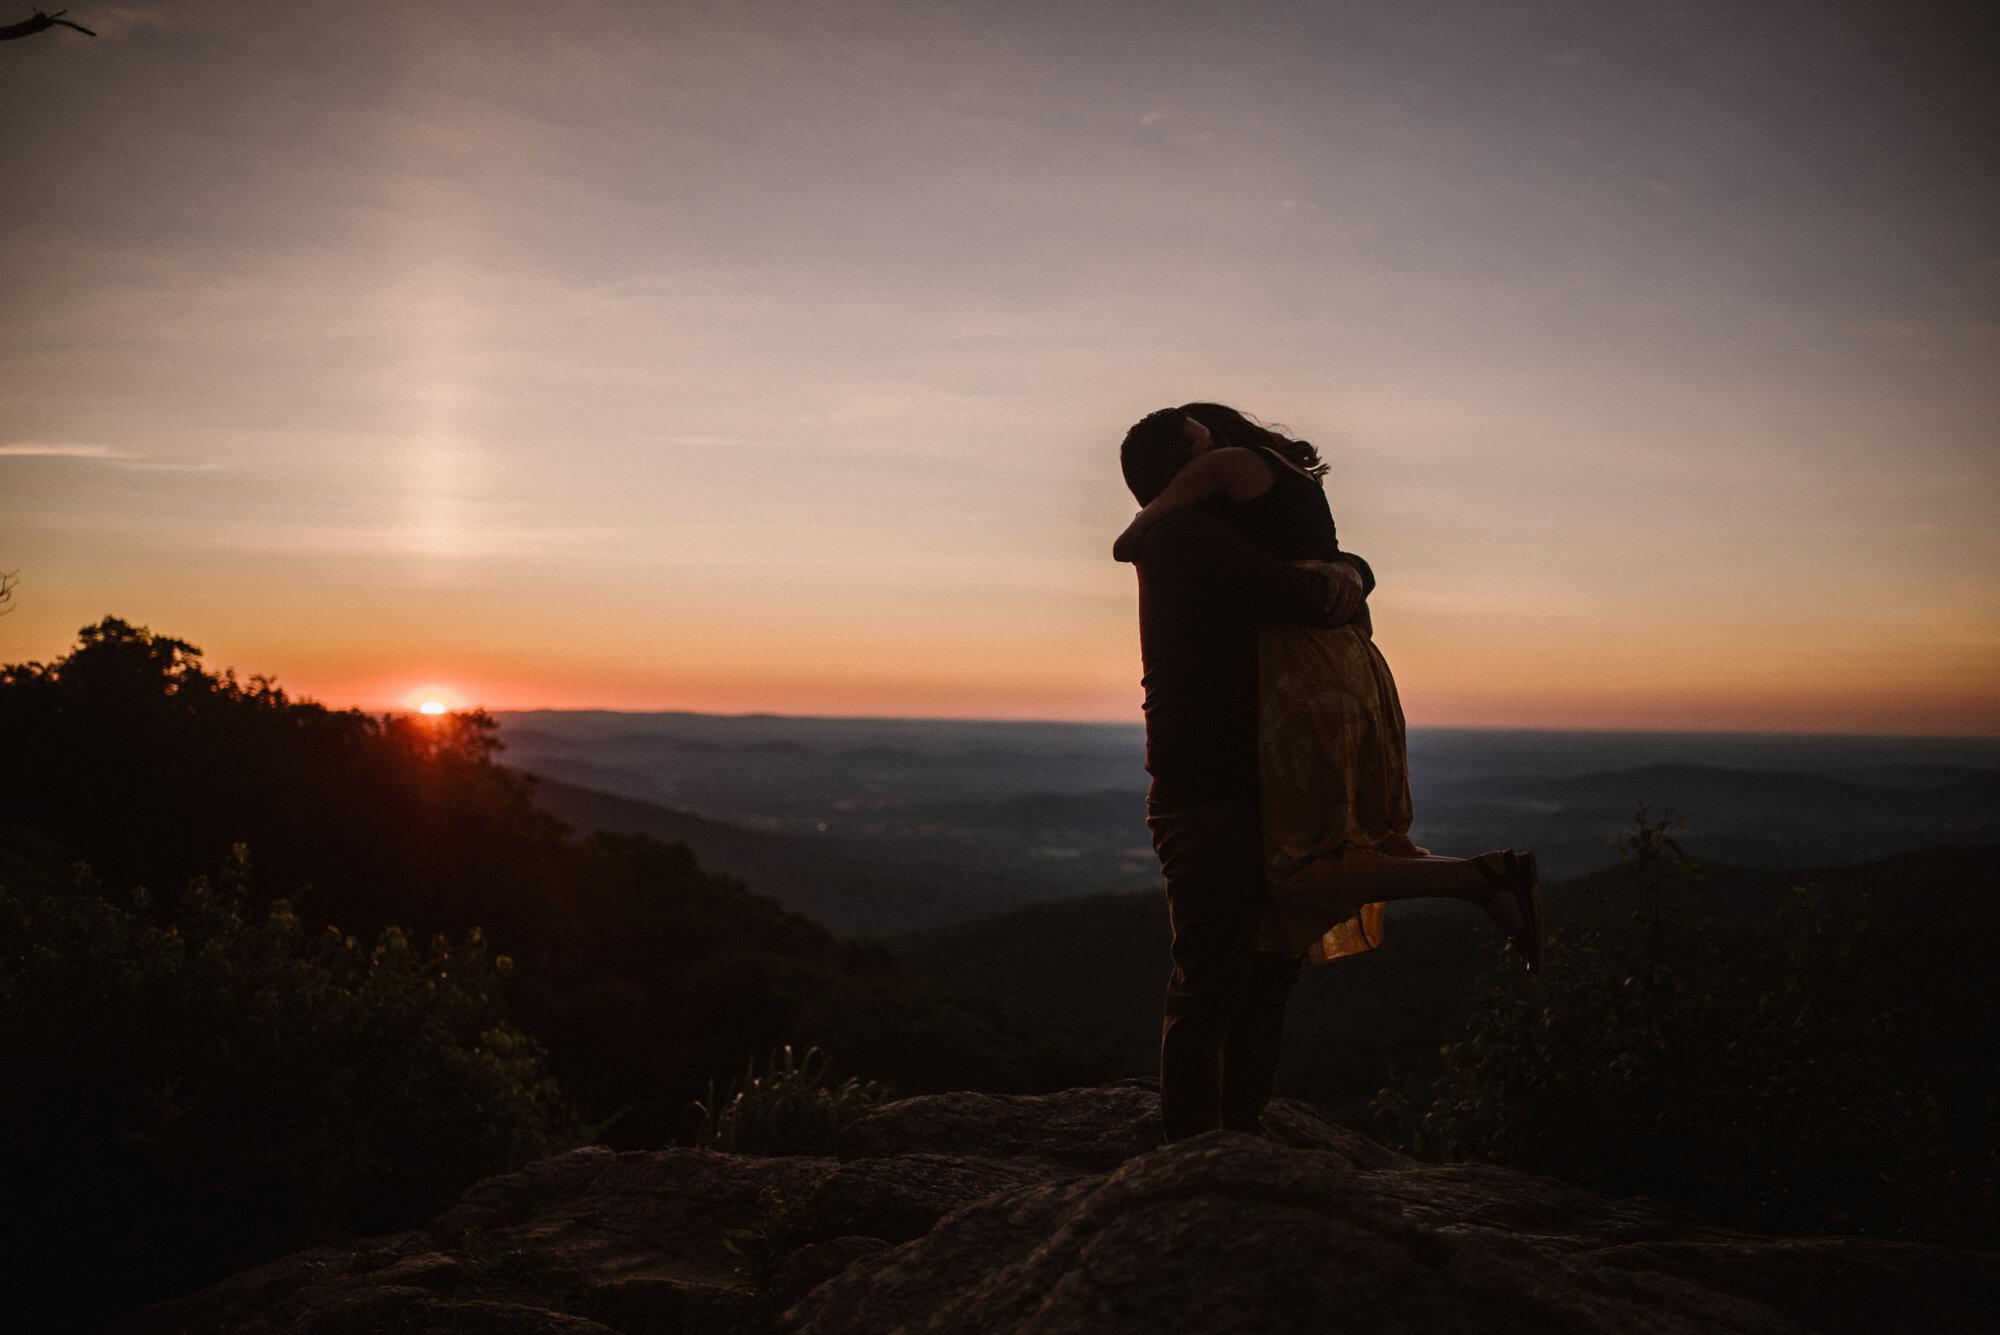 Shenandoah National Park Engagement Session - Sunrise Mountain Couple Photo Shoot - Blue Ridge Mountain Photo Shoot - Shenandoah National Park Photographer - White Sails Creative _5.jpg